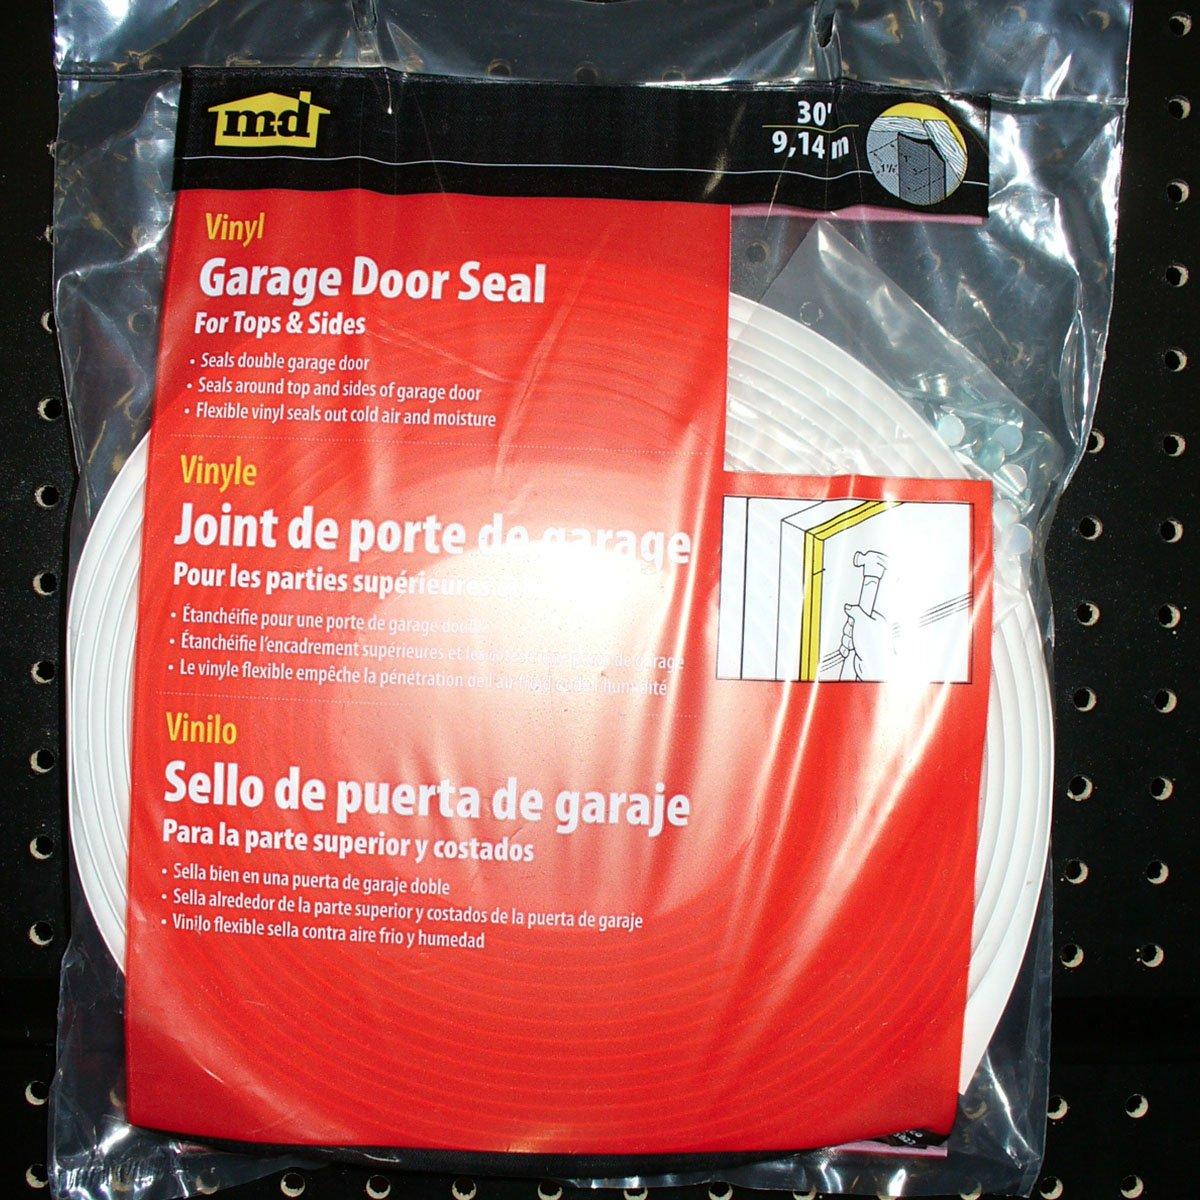 De Vinilo Puerta Y Building Products Tapa M 3822 Para D Garaje pnAXq6wCxf